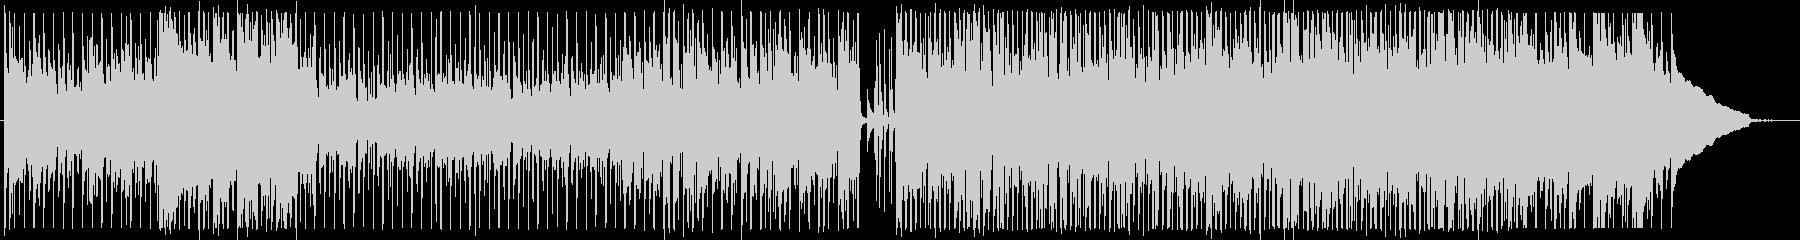 カントリーPOPアコースティックギター曲の未再生の波形